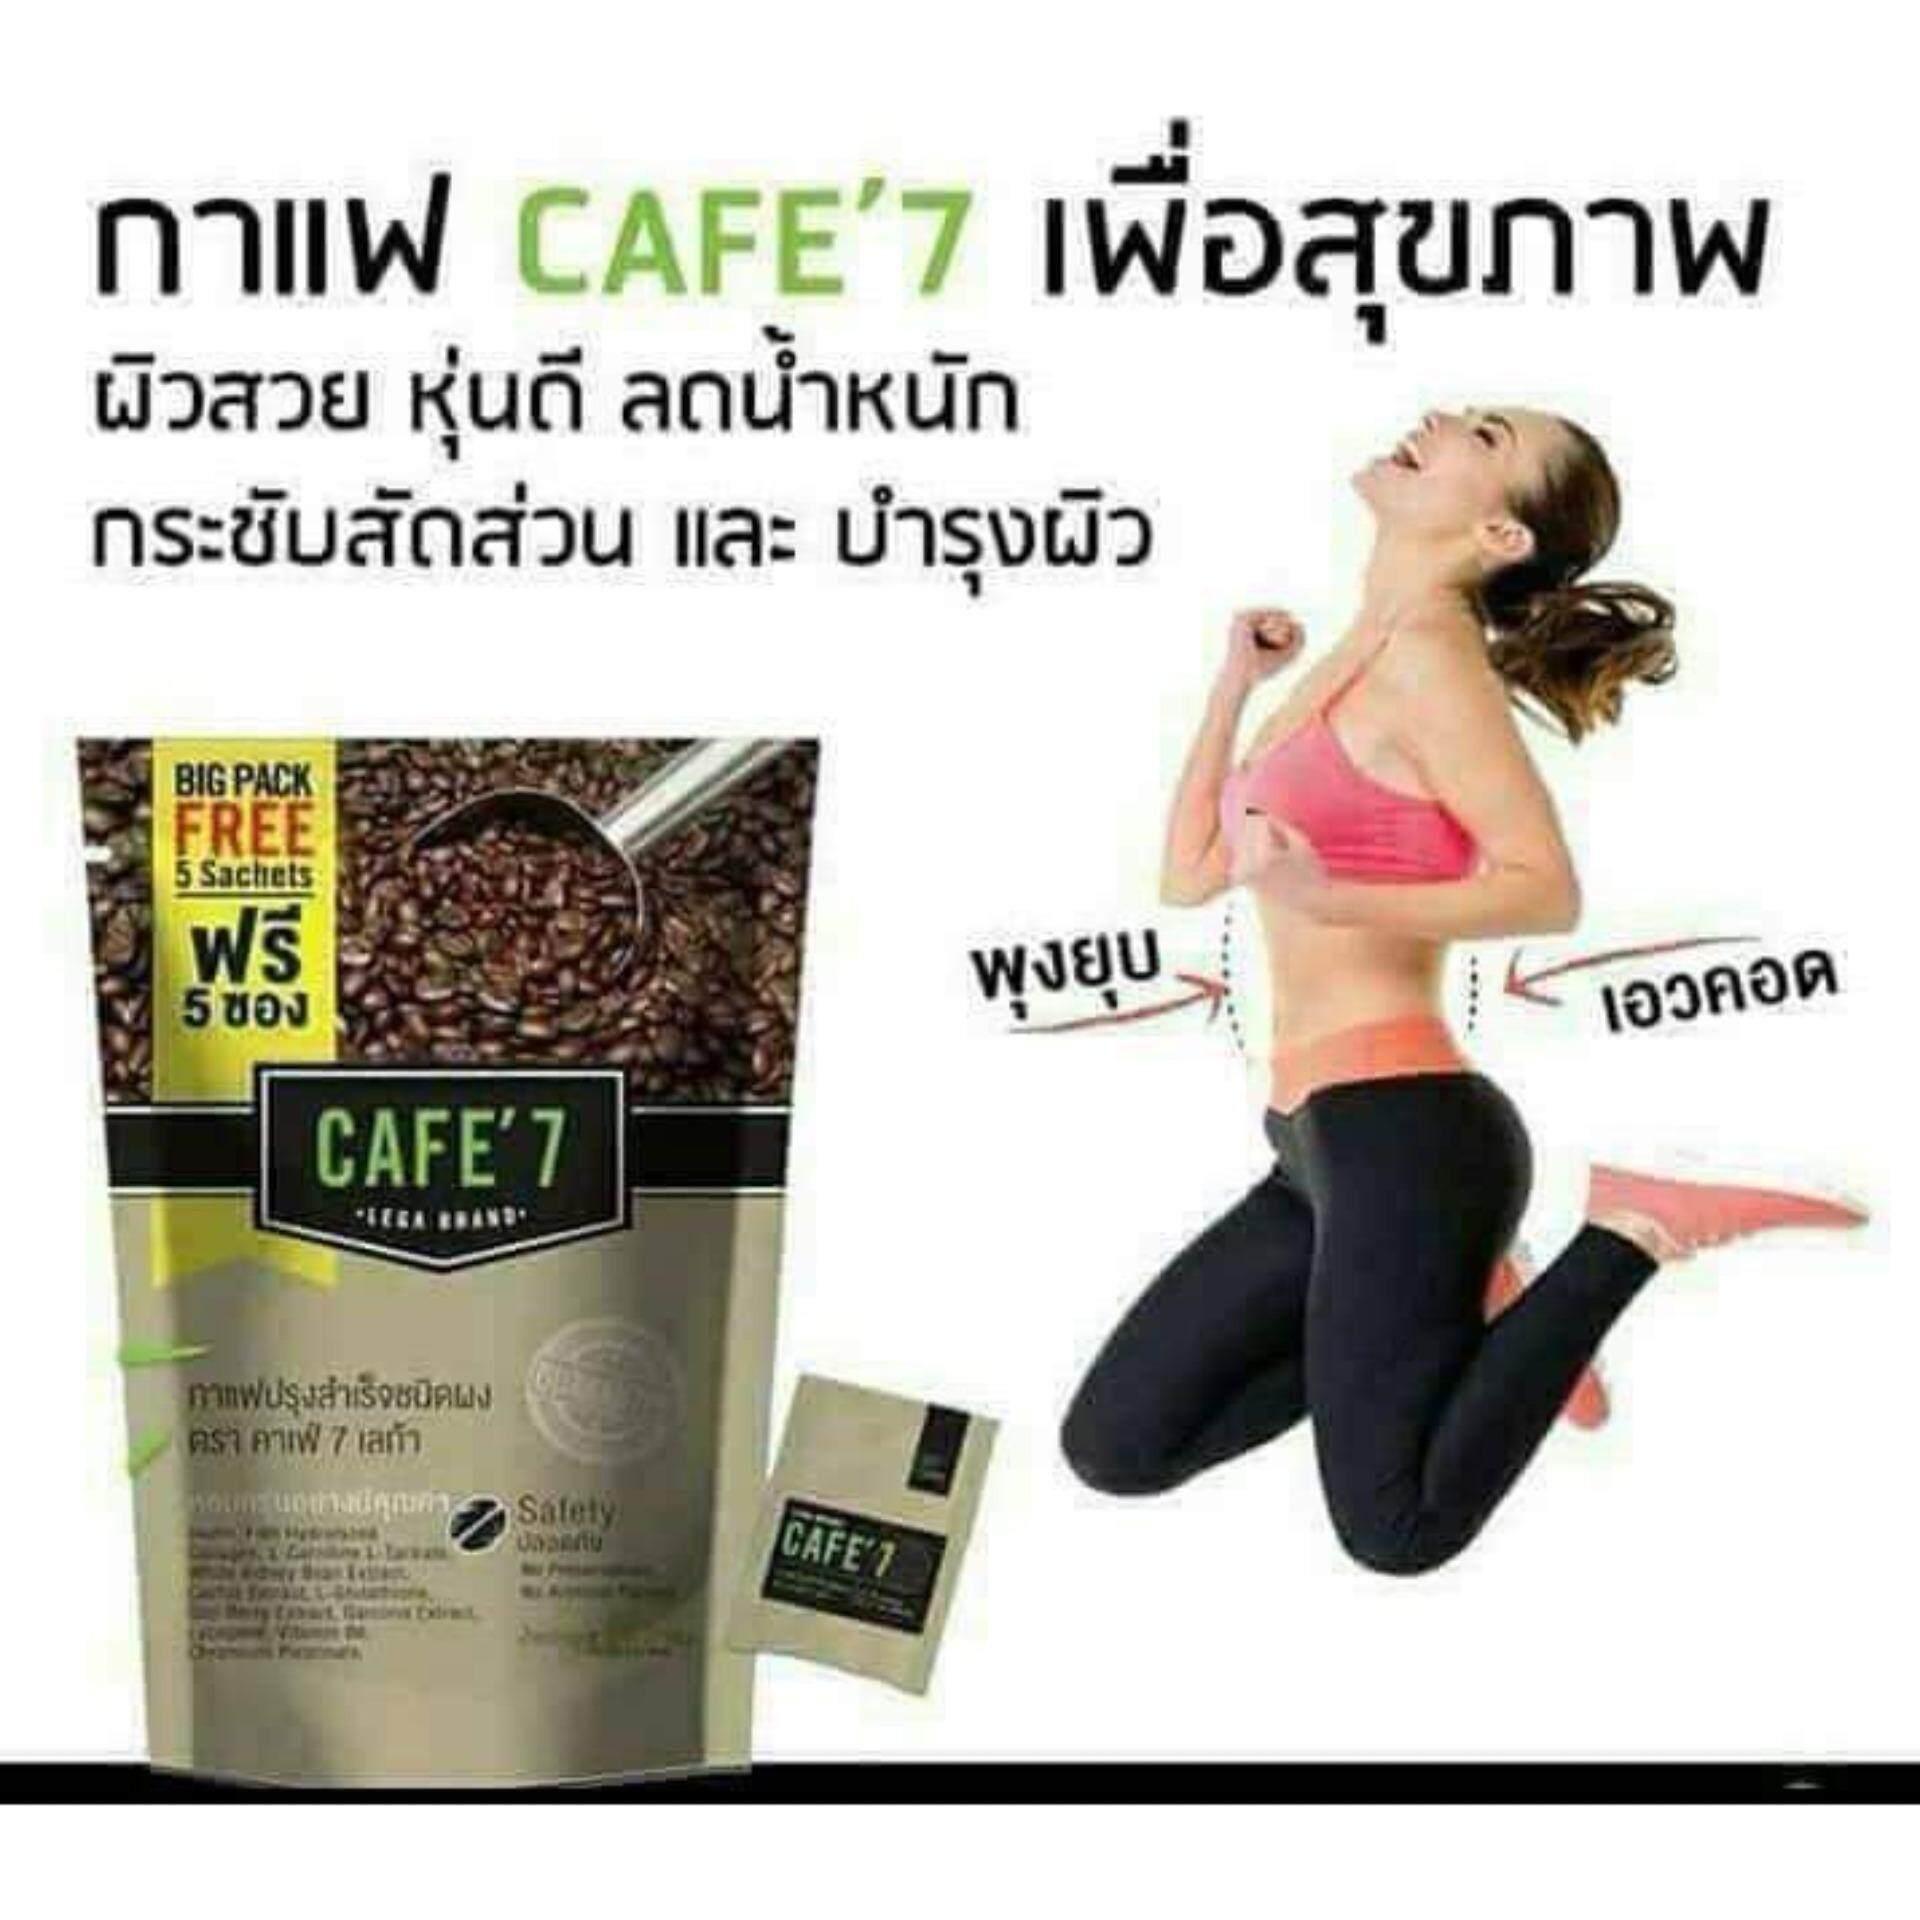 กาแฟลดน้ำหนัก กาแฟลดความอ้วน กระชับสัดส่วน บำรุงผิว Cafe 7 Lega Bigpack 1 ถุง (55 ซอง) Legacy Nfinite.